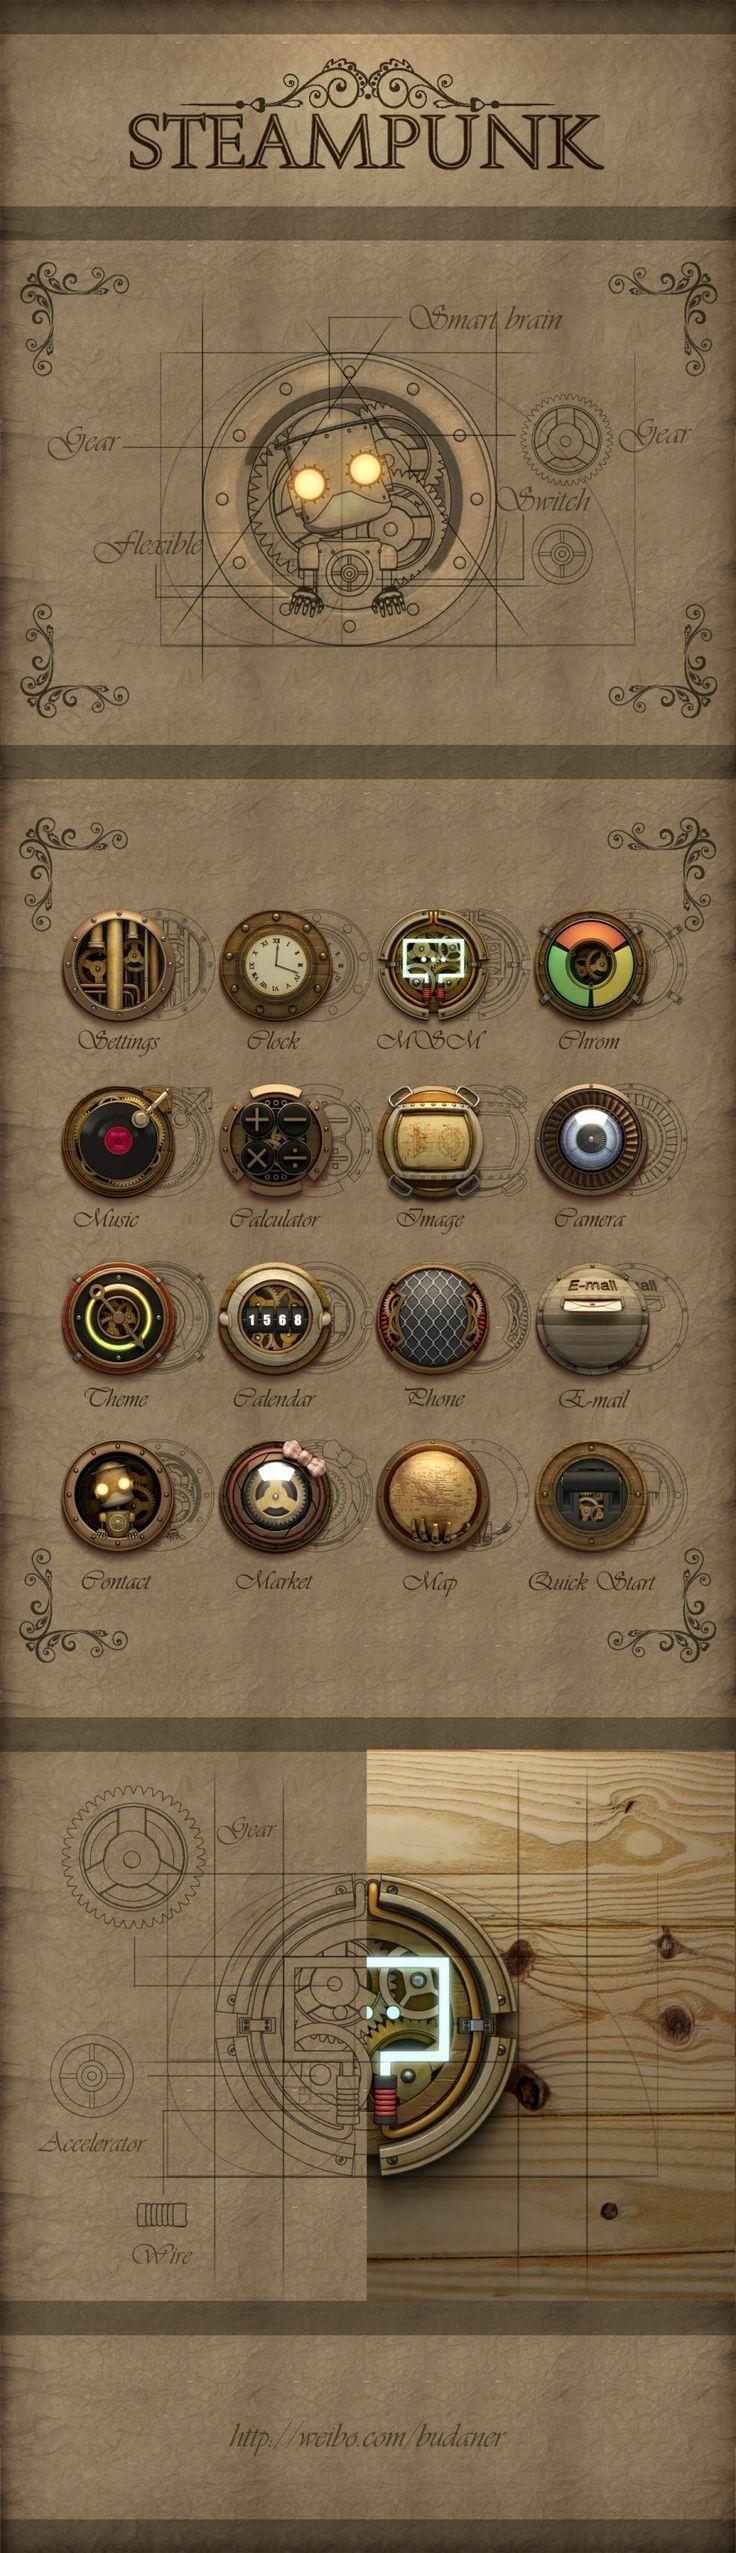 航海風格 精細Icon設計   MyDesy 淘靈感